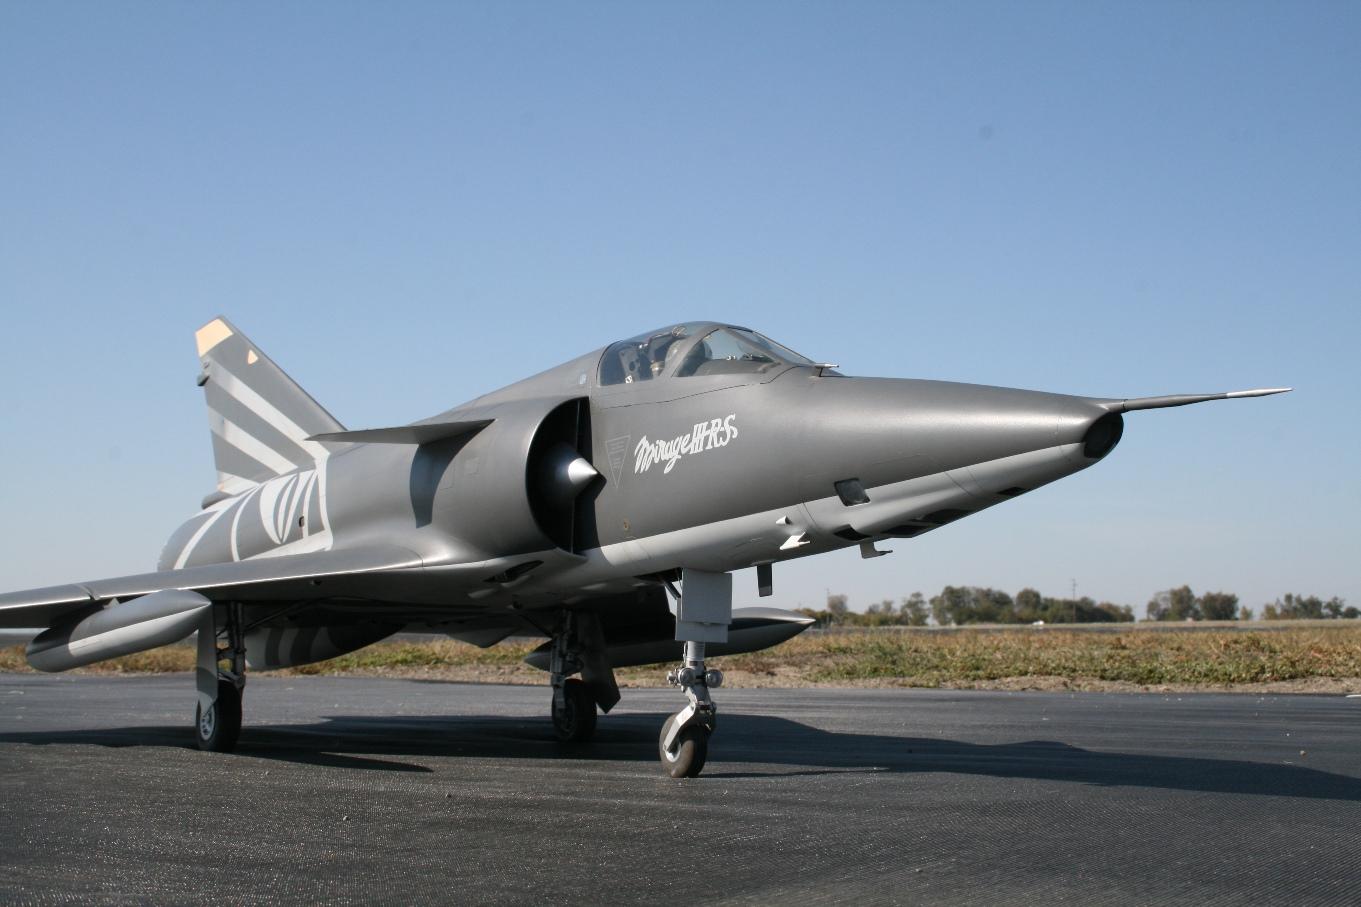 Mirage IIIRS